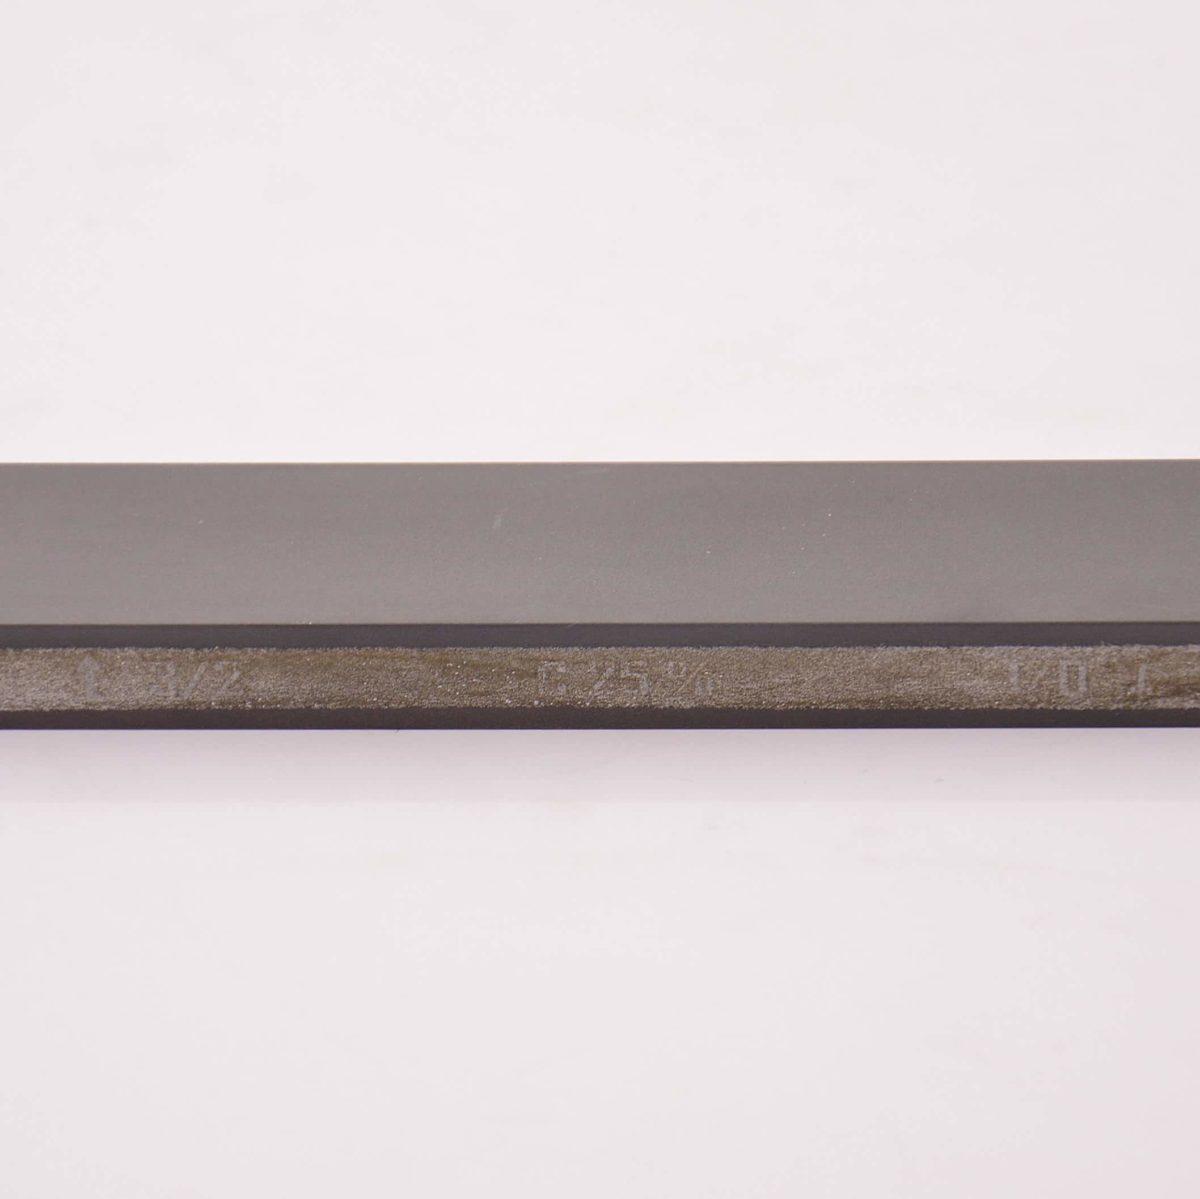 Алмазный 2-х сторонний брусок Венев 3/2-1/0 С25%, 200х35х10 мм 4 1